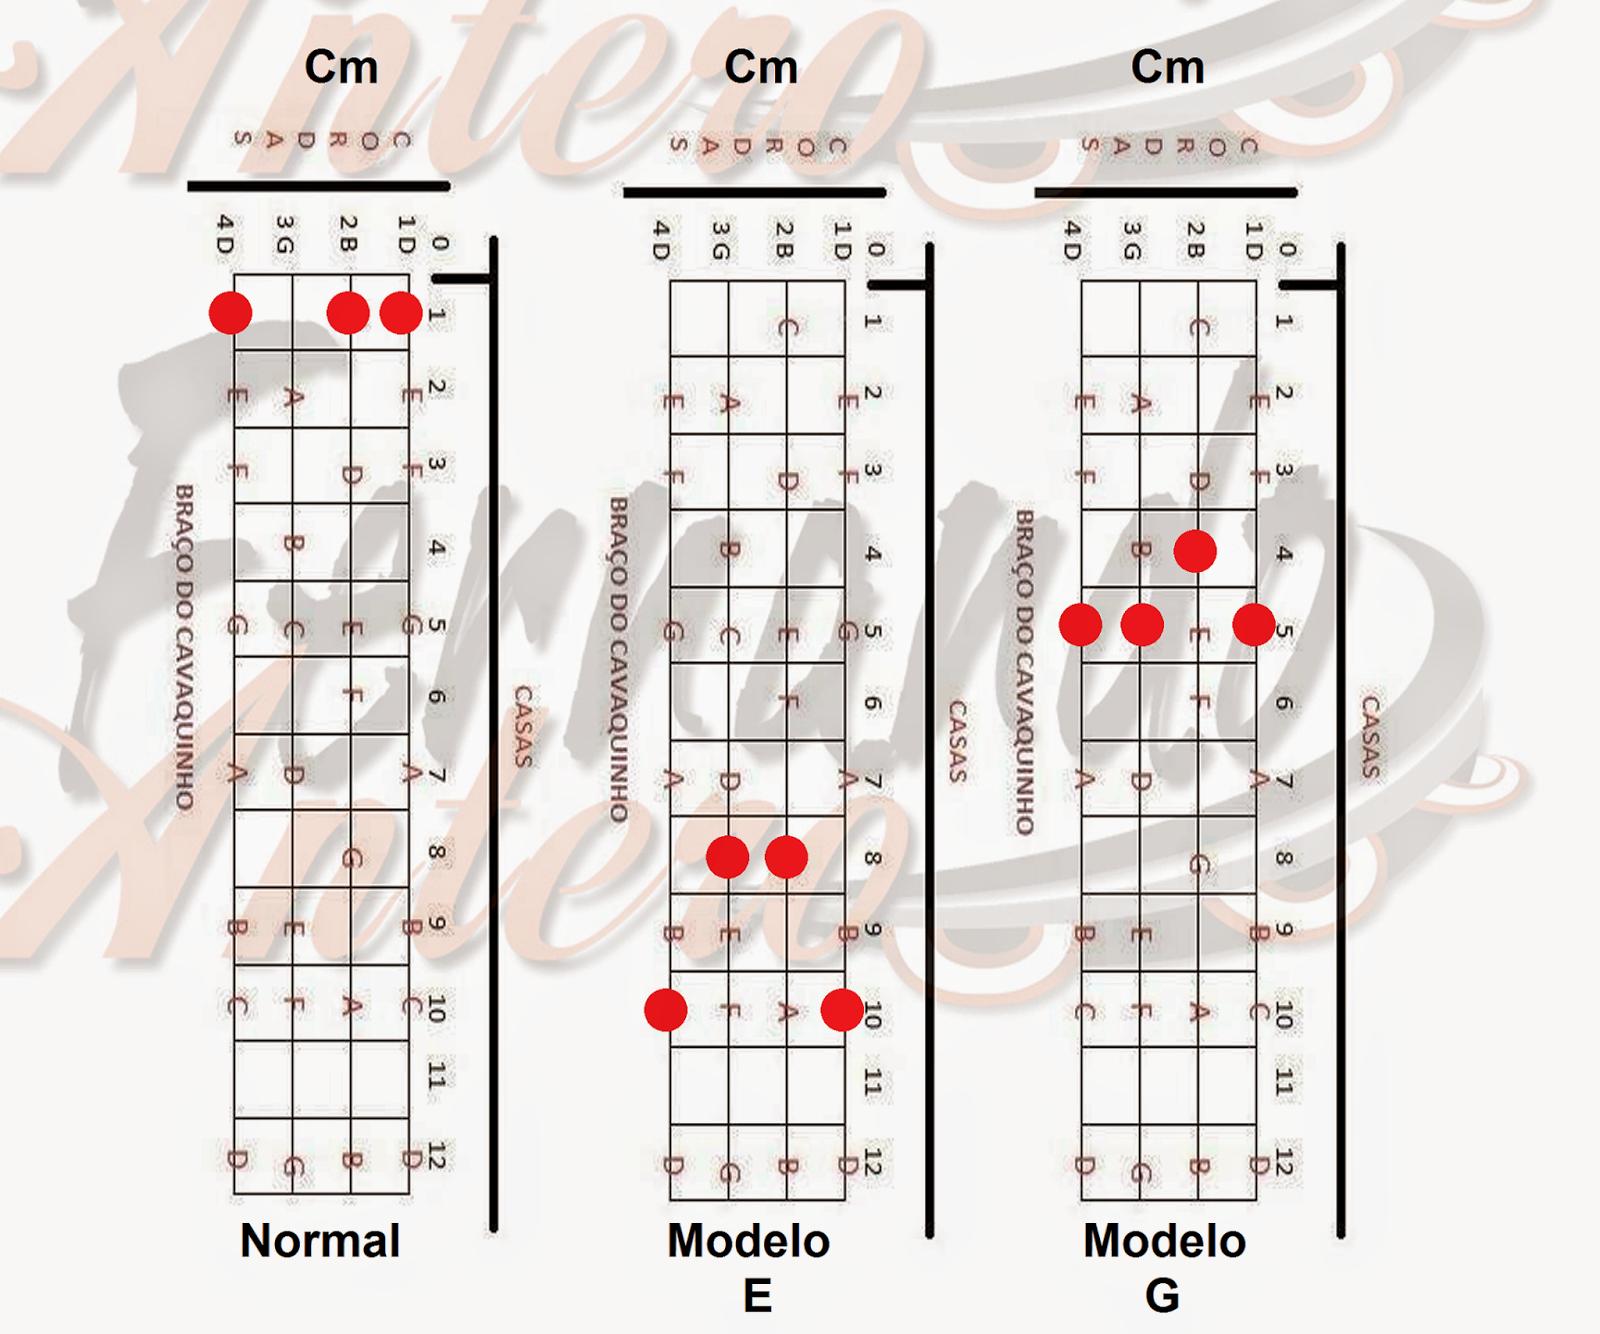 cavaco,cavaquinho,nota,notas,acorde,acordes,solos,partitura,teoria,cifra,cifras,montagem,banjo,dicas,dica,pagode,nandinho,antero,cavacobandolim,bandolim,campoharmonico,ceg,caged